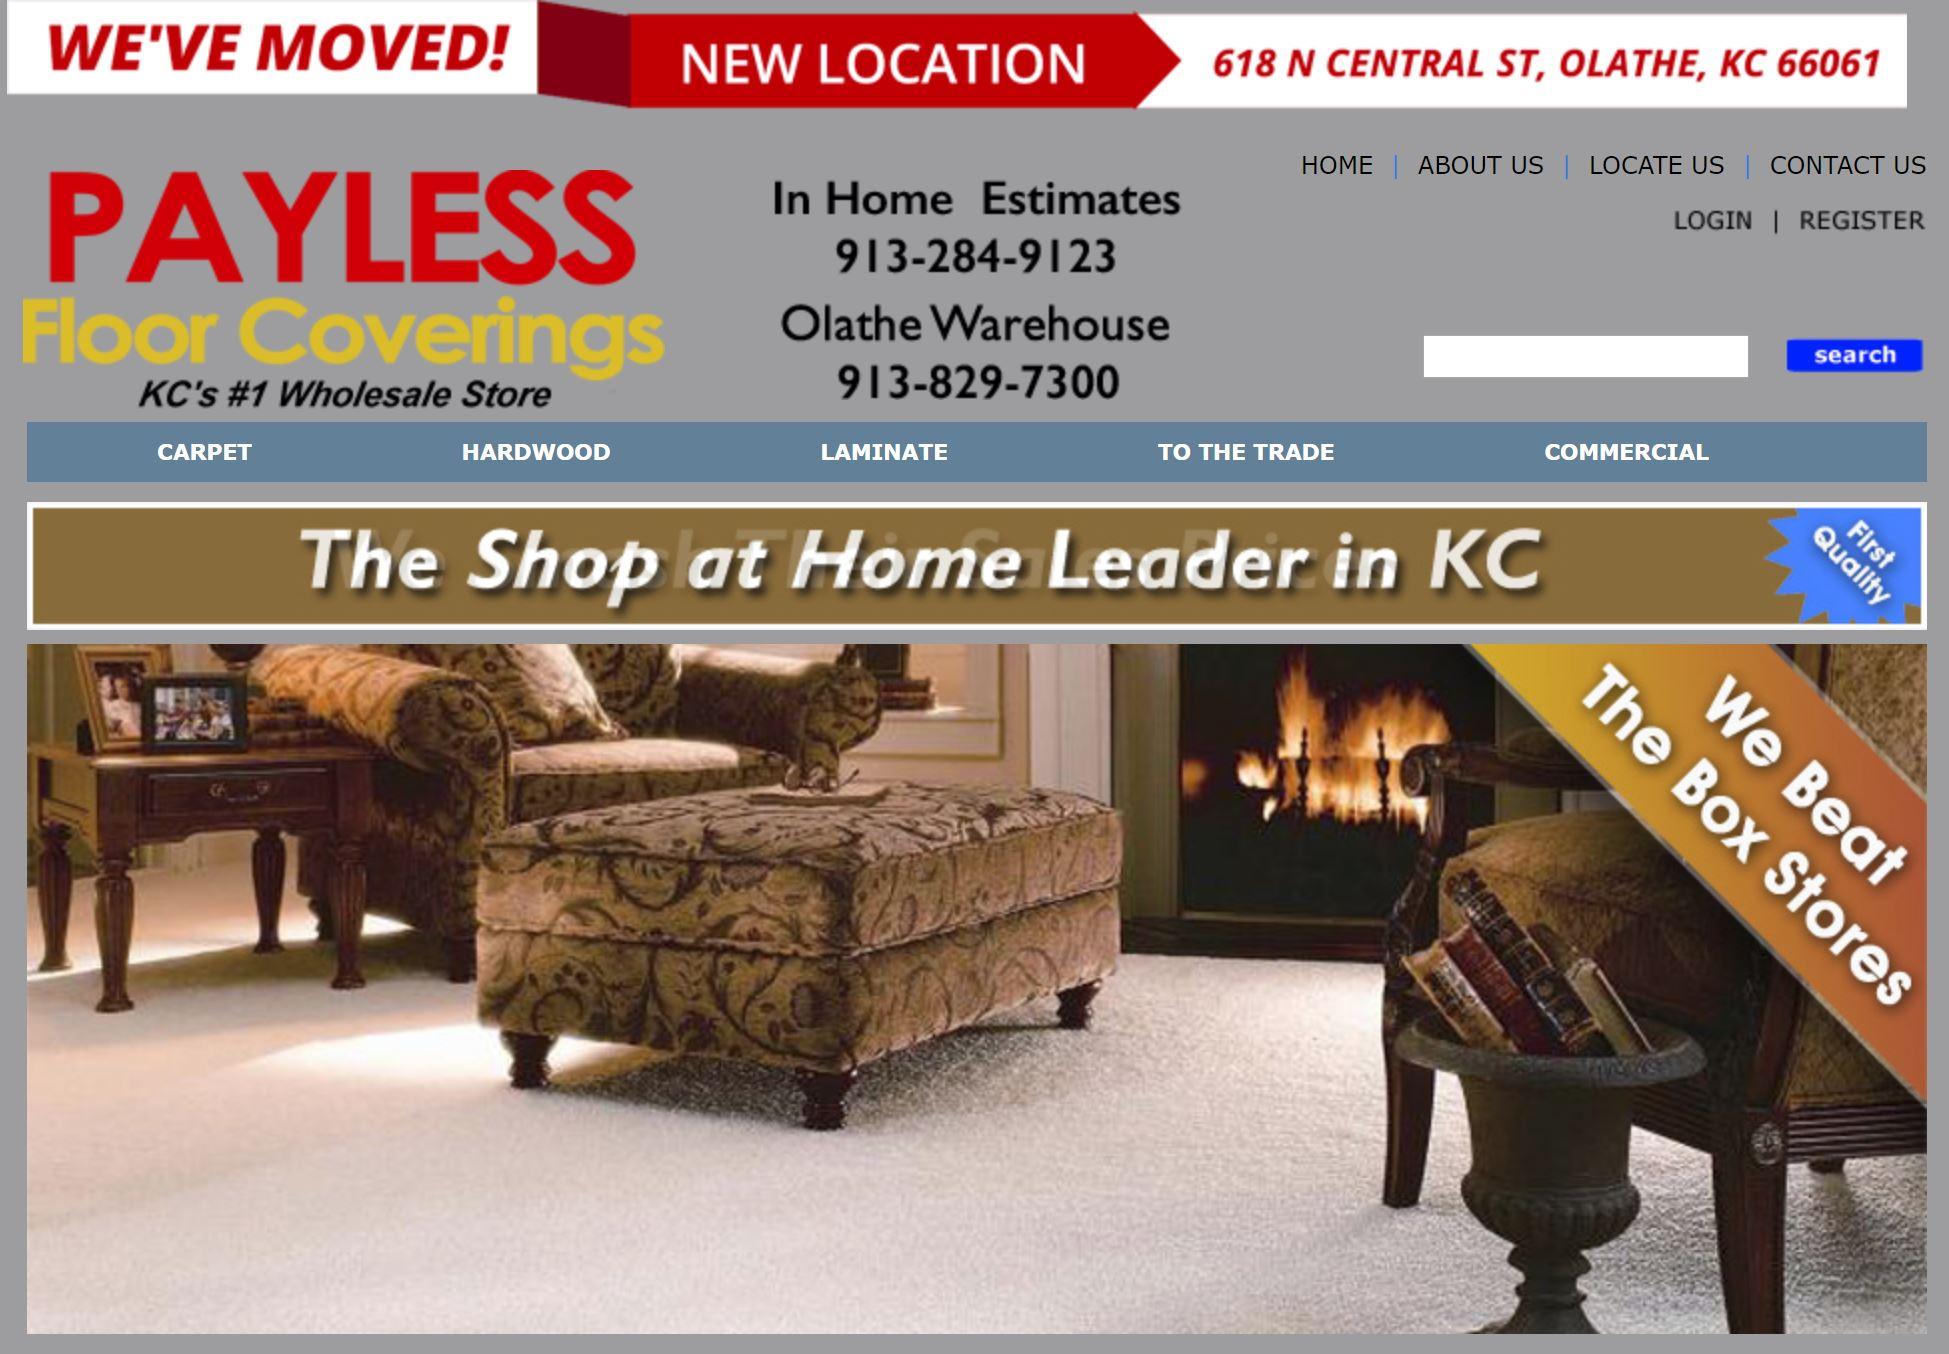 Payless Floor Coverings image 1